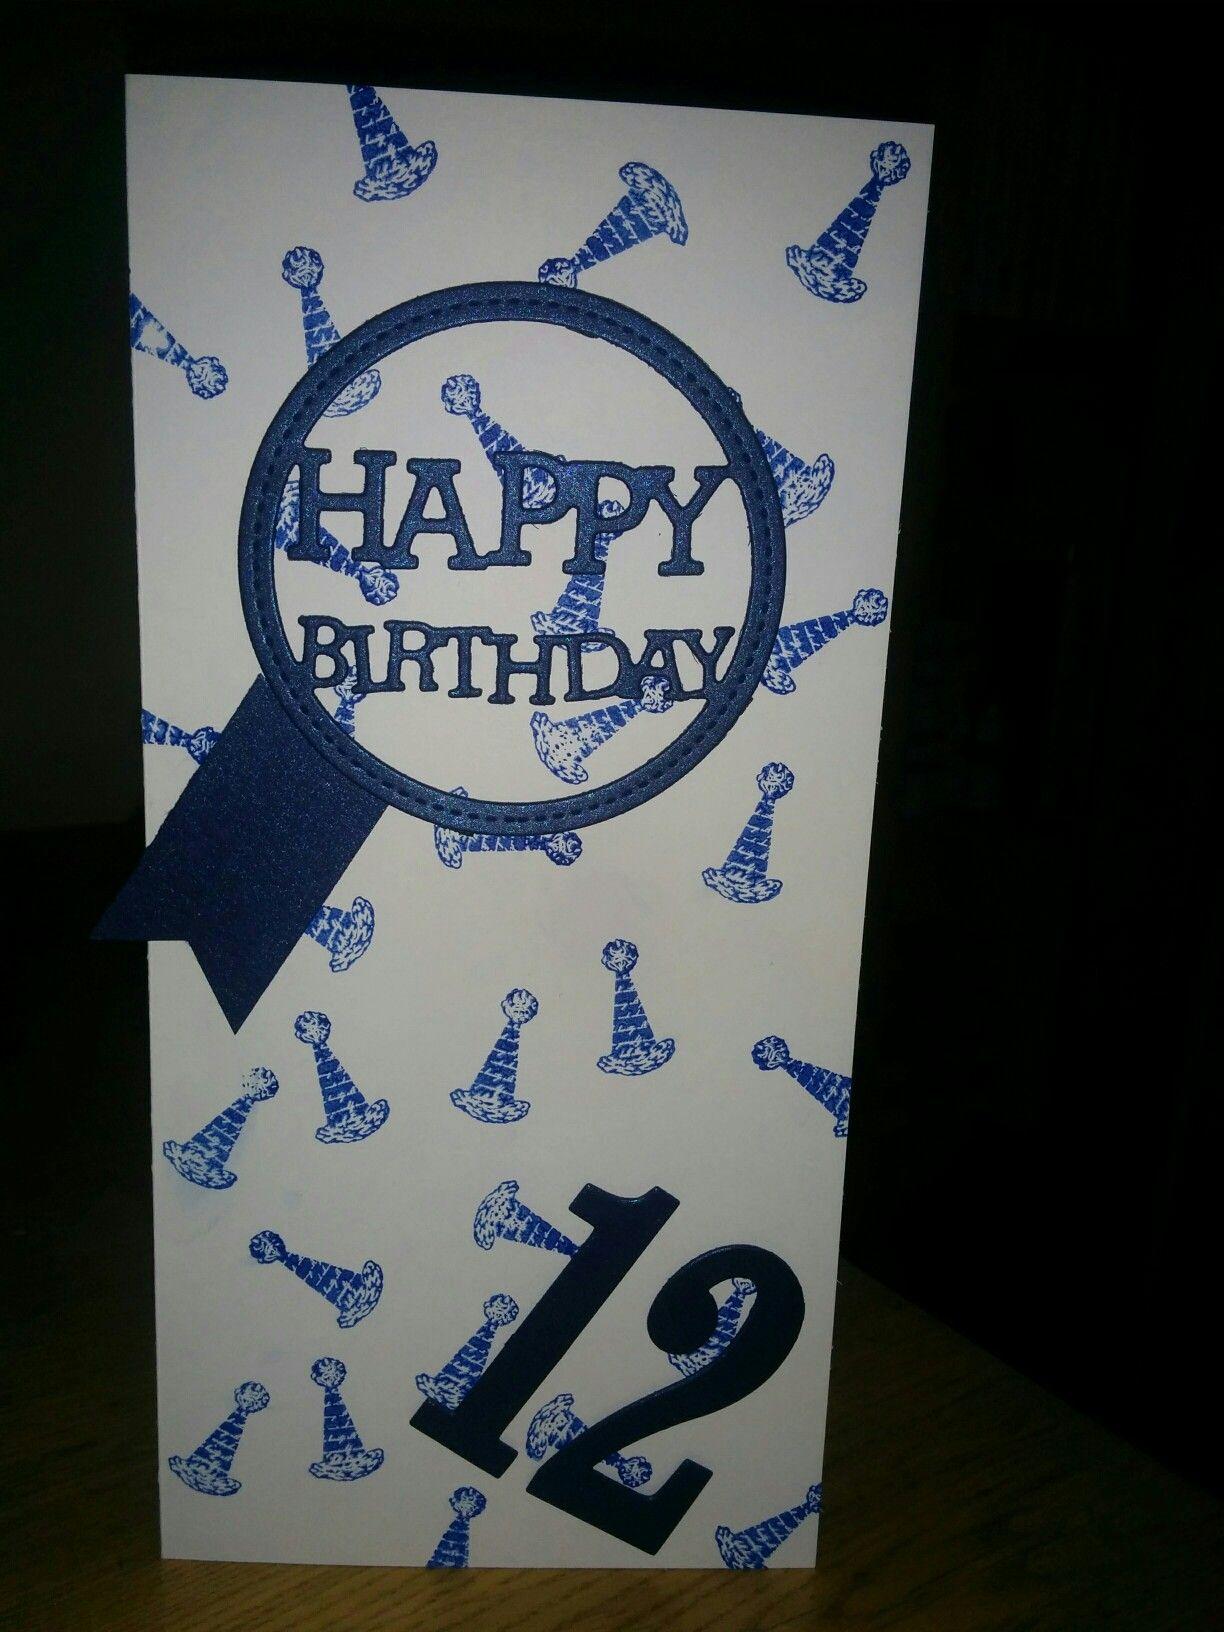 Birthday Card For A 12 Year Old Boy Old Birthday Cards Birthday Cards Paper Cards